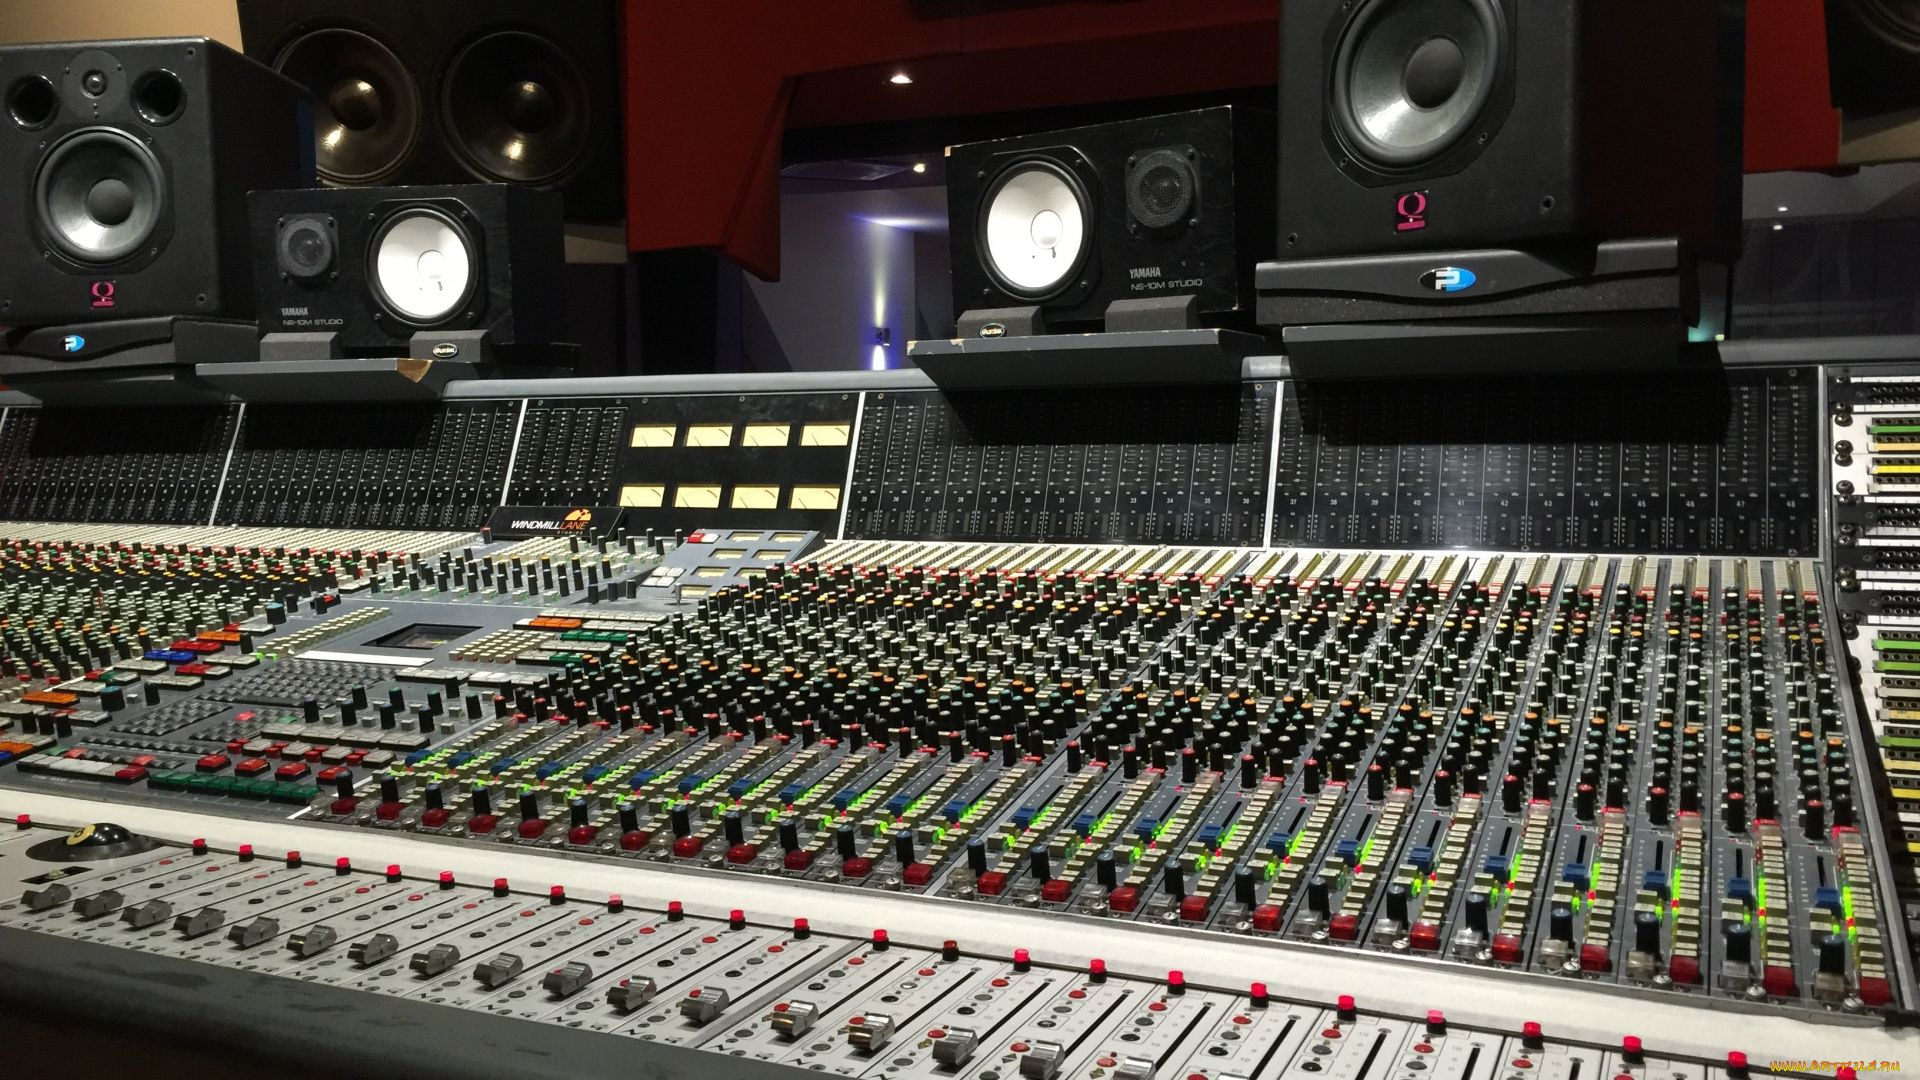 Recording Studio computer Wallpaper